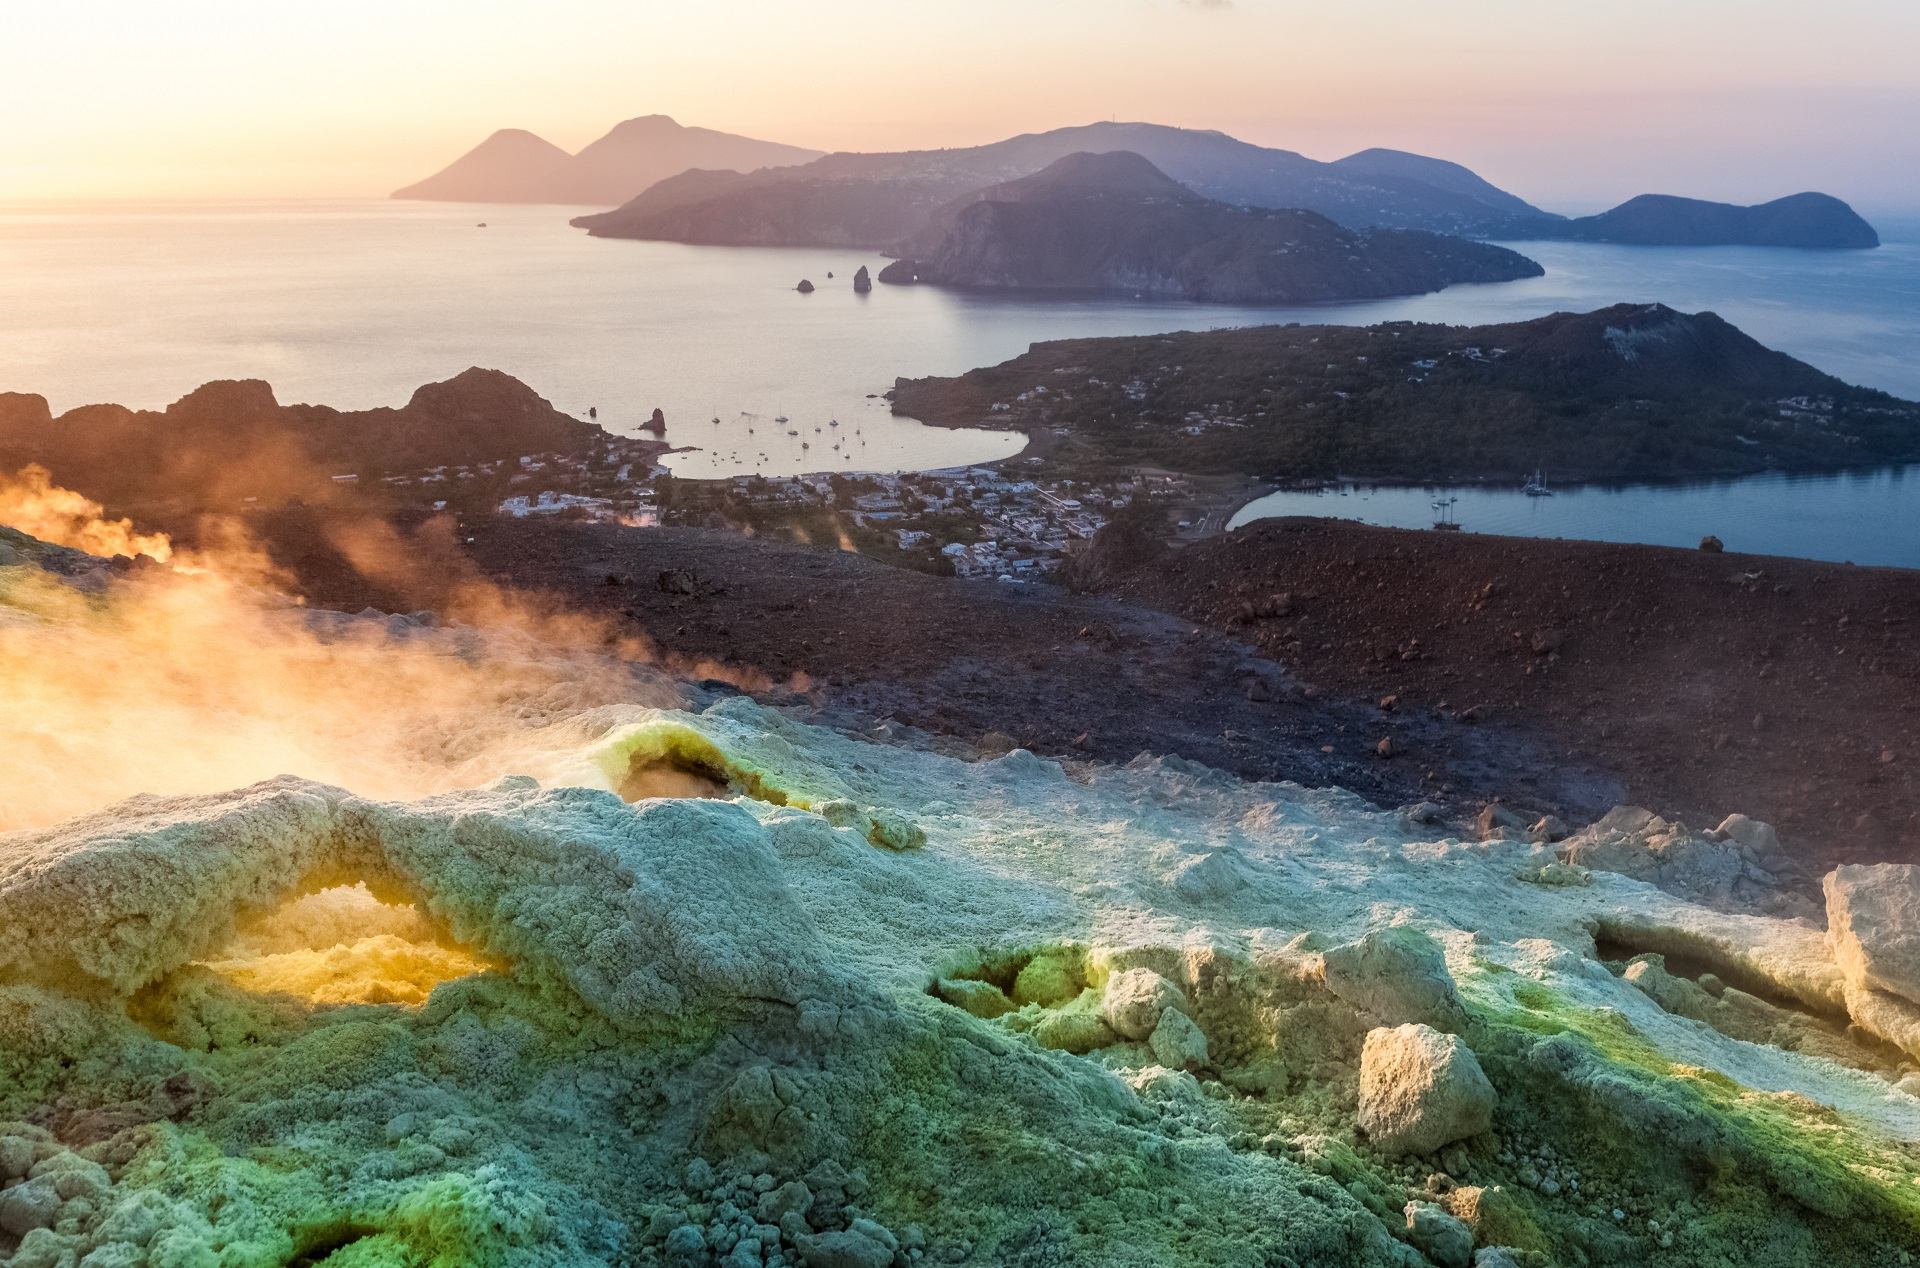 Die Landschaft der Insel Vulcano mit grünem Gestein und aufsteigenden Schwefelwolken wirkt wie von einem anderen Planeten.